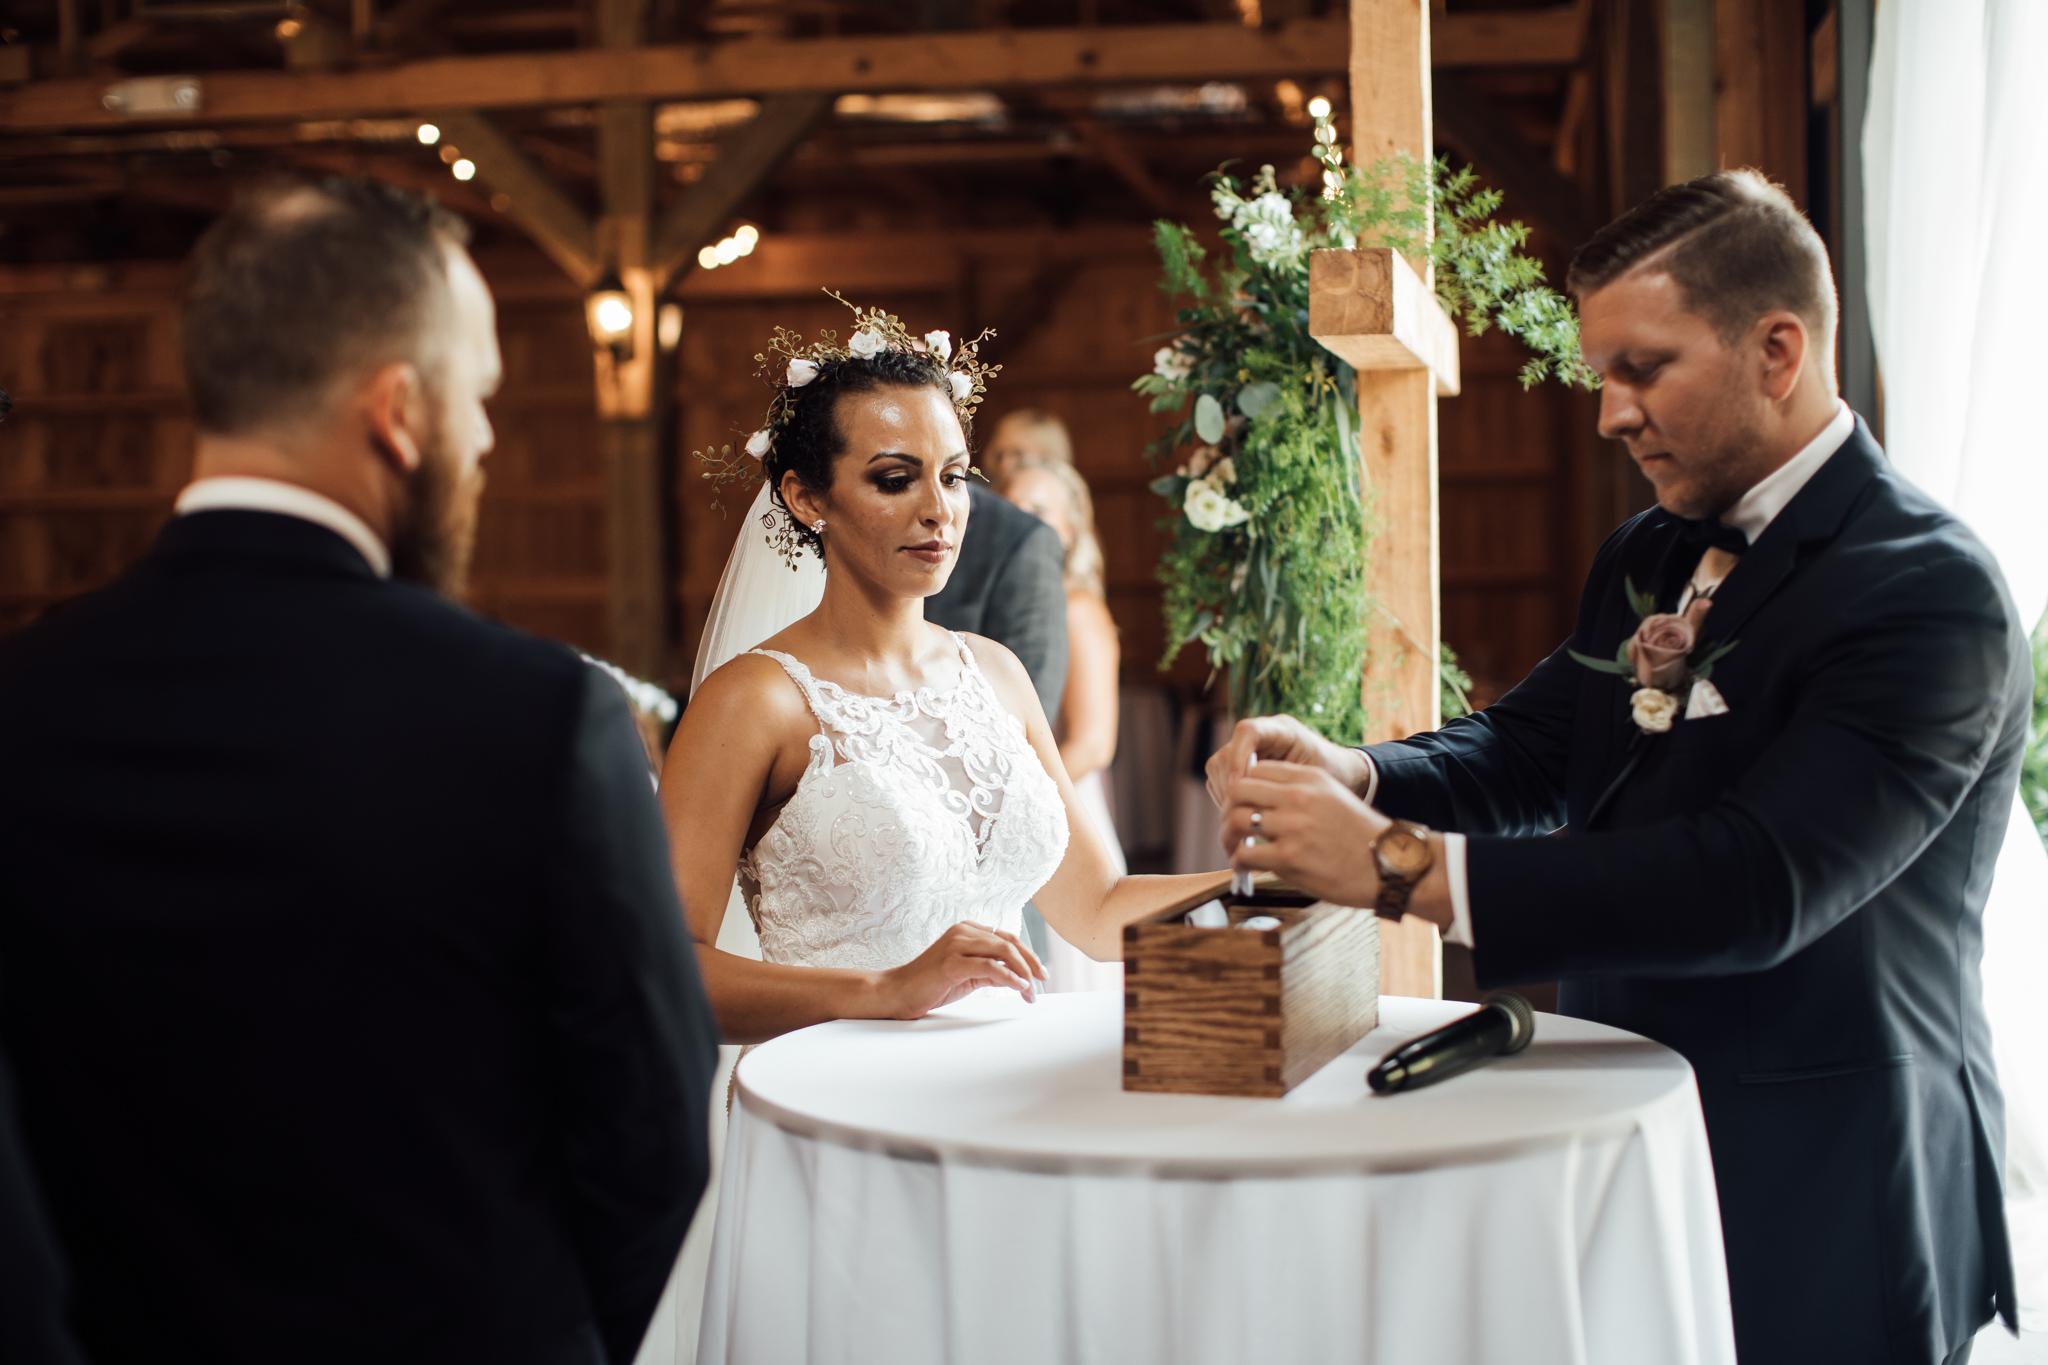 saddlewoodsfarms-nashville-wedding-photographer-thewarmtharoundyou-rustic-wedding (37 of 251).jpg